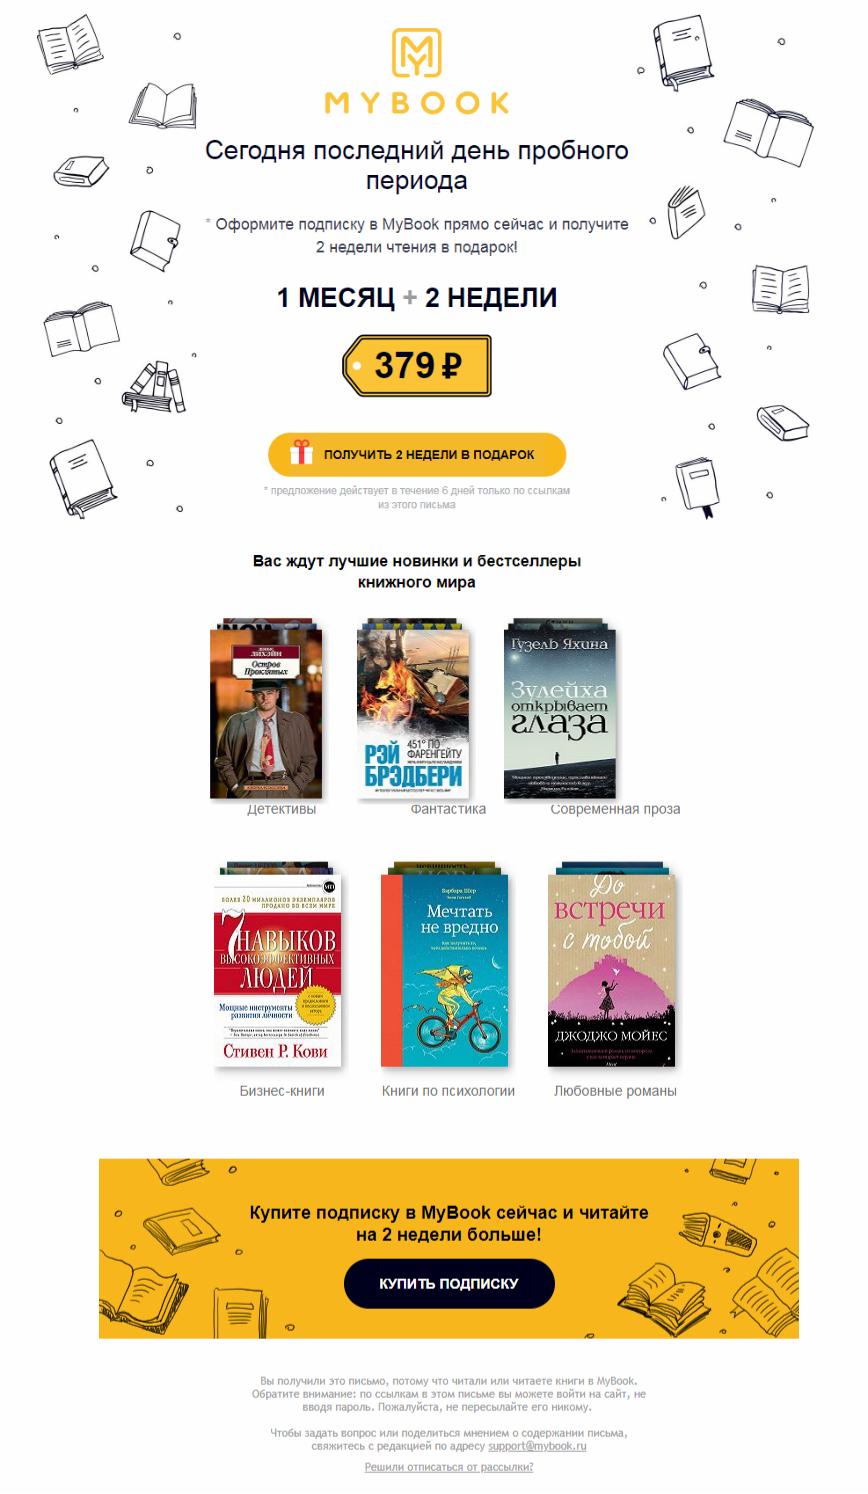 Письмо в серии от MyBook: первый день бесплатного доступа